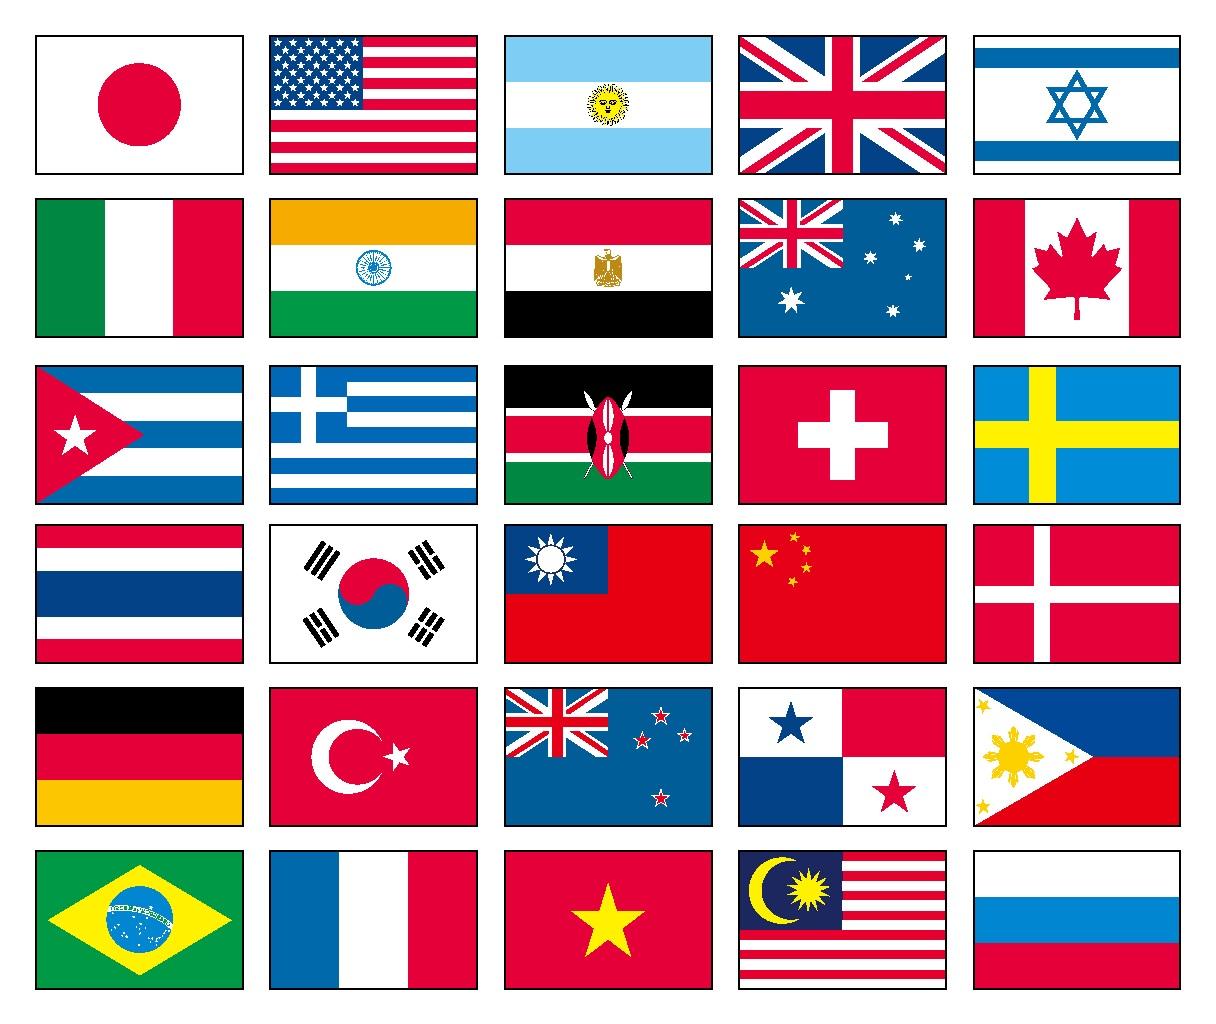 ... 番組で…世界から悲しみの声 : 世界の国旗 素材 : すべての講義